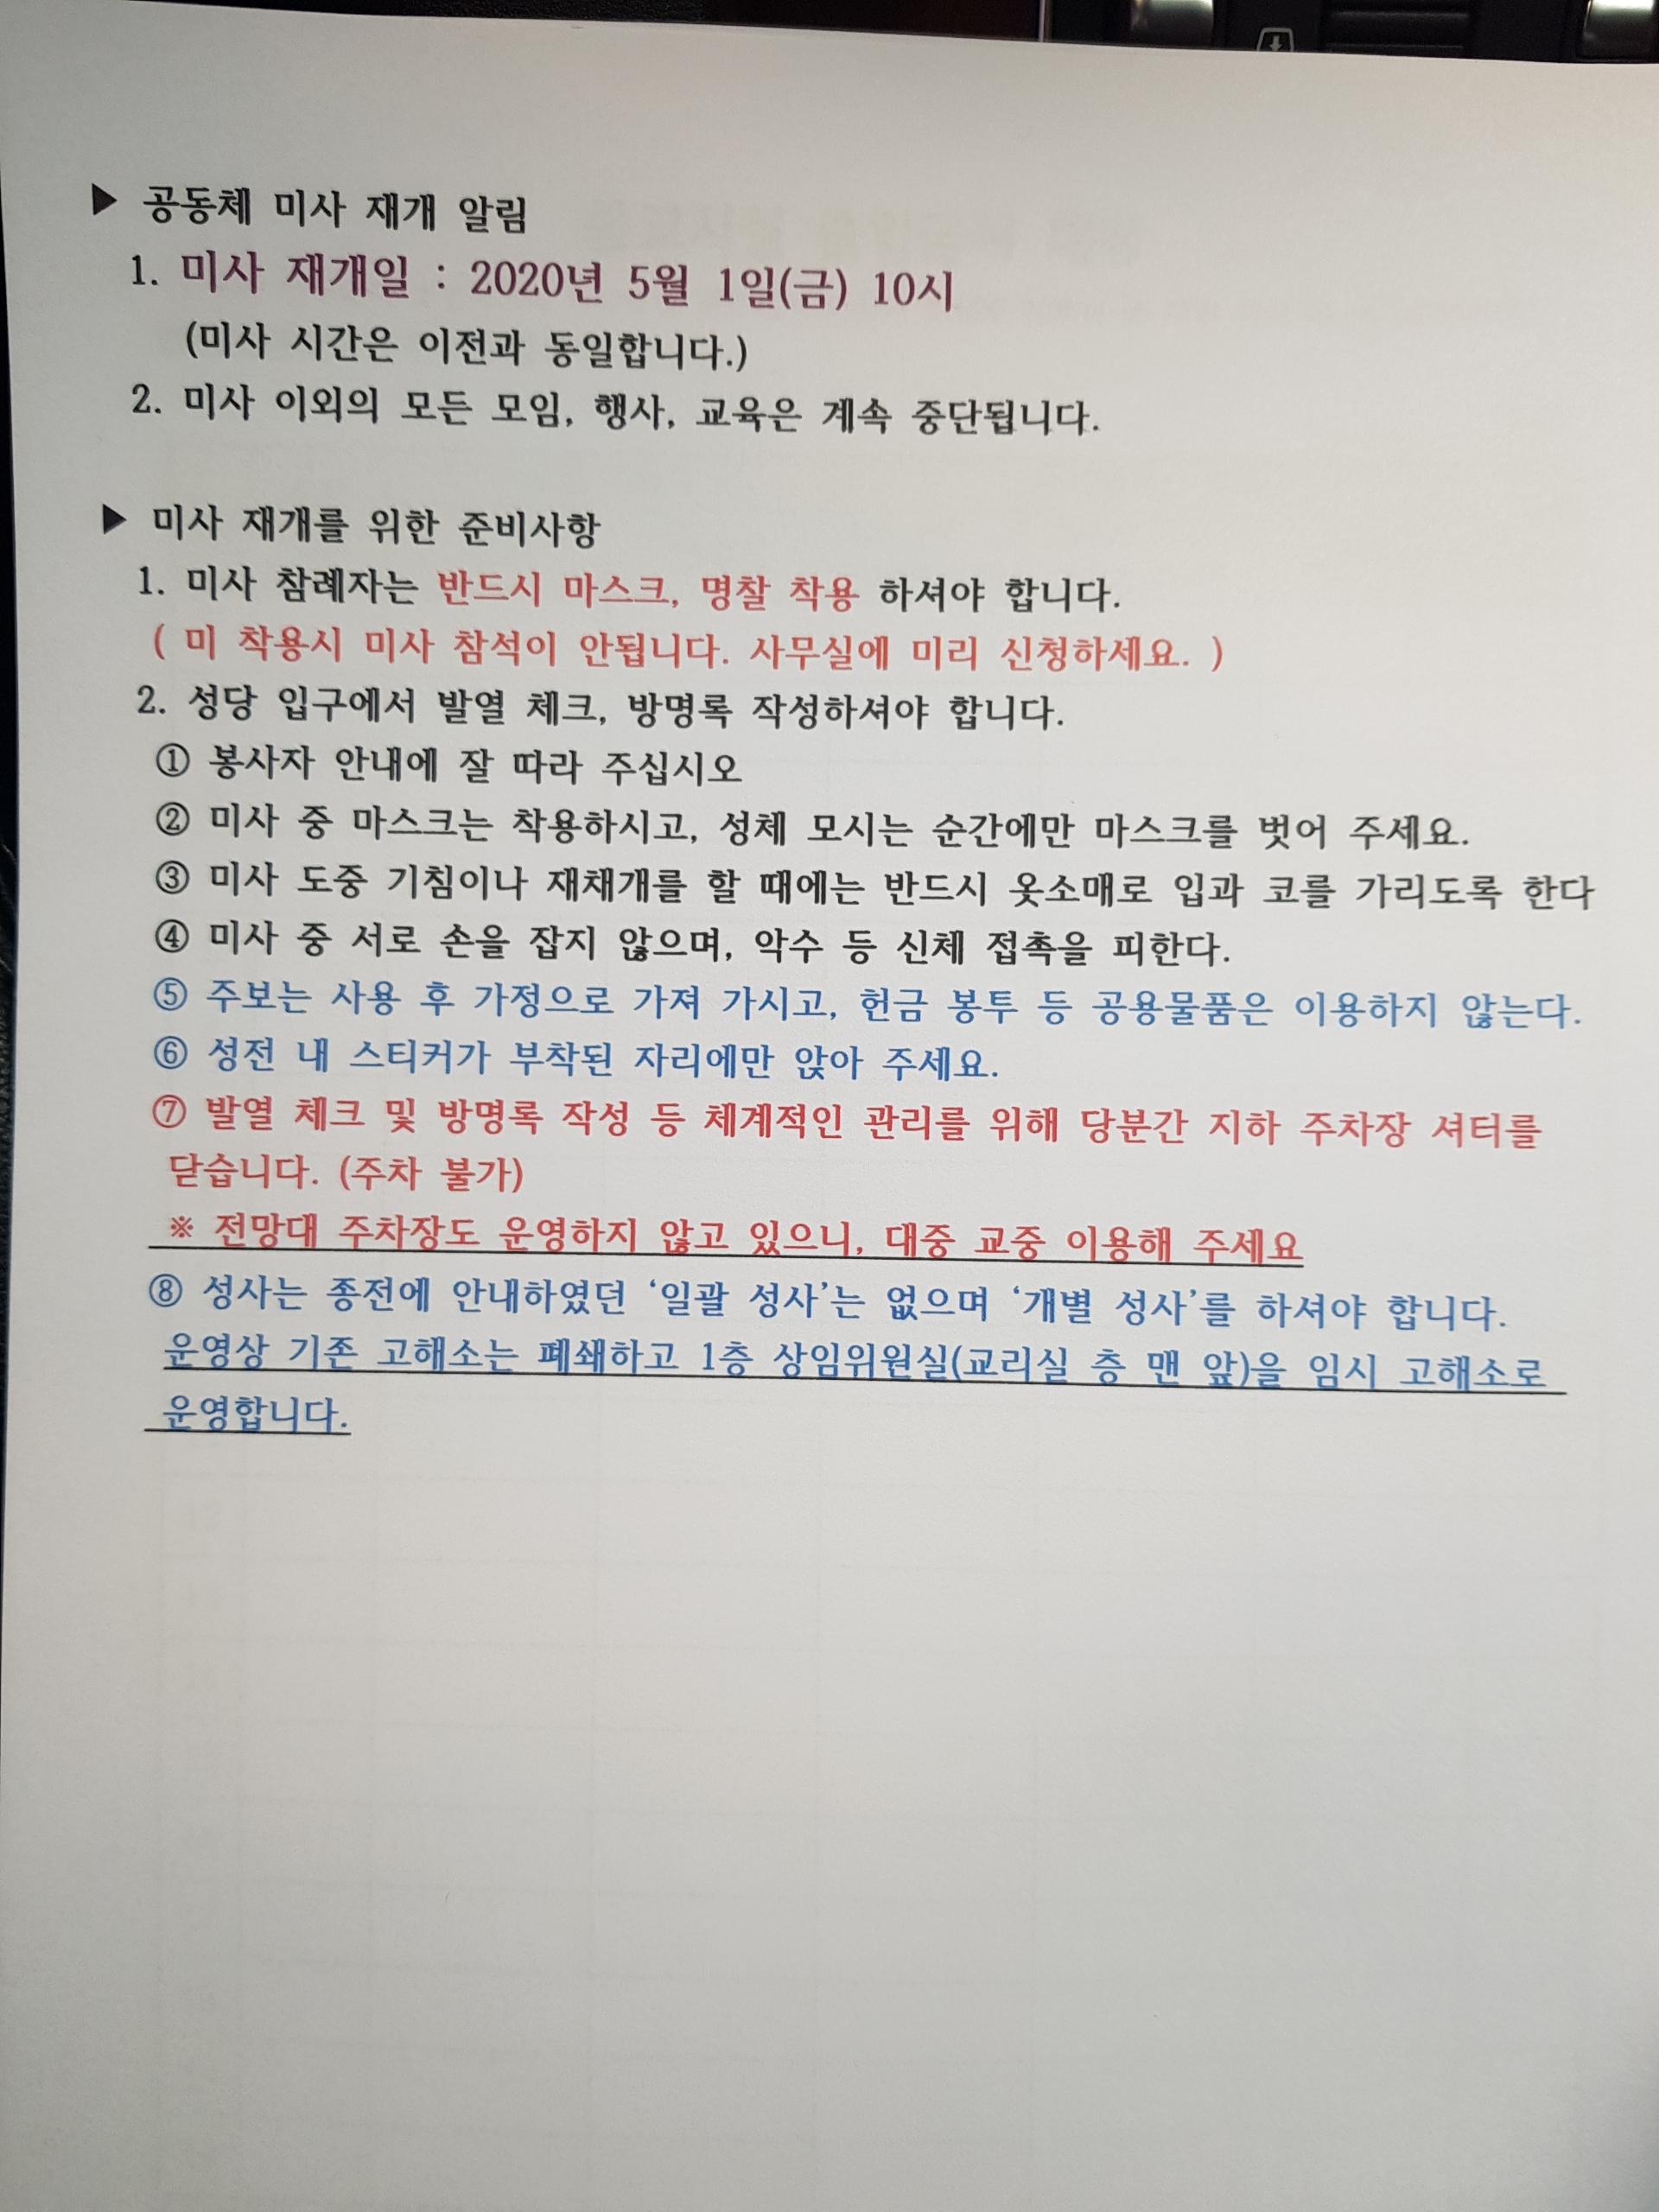 KakaoTalk_20200429_091827982.jpg